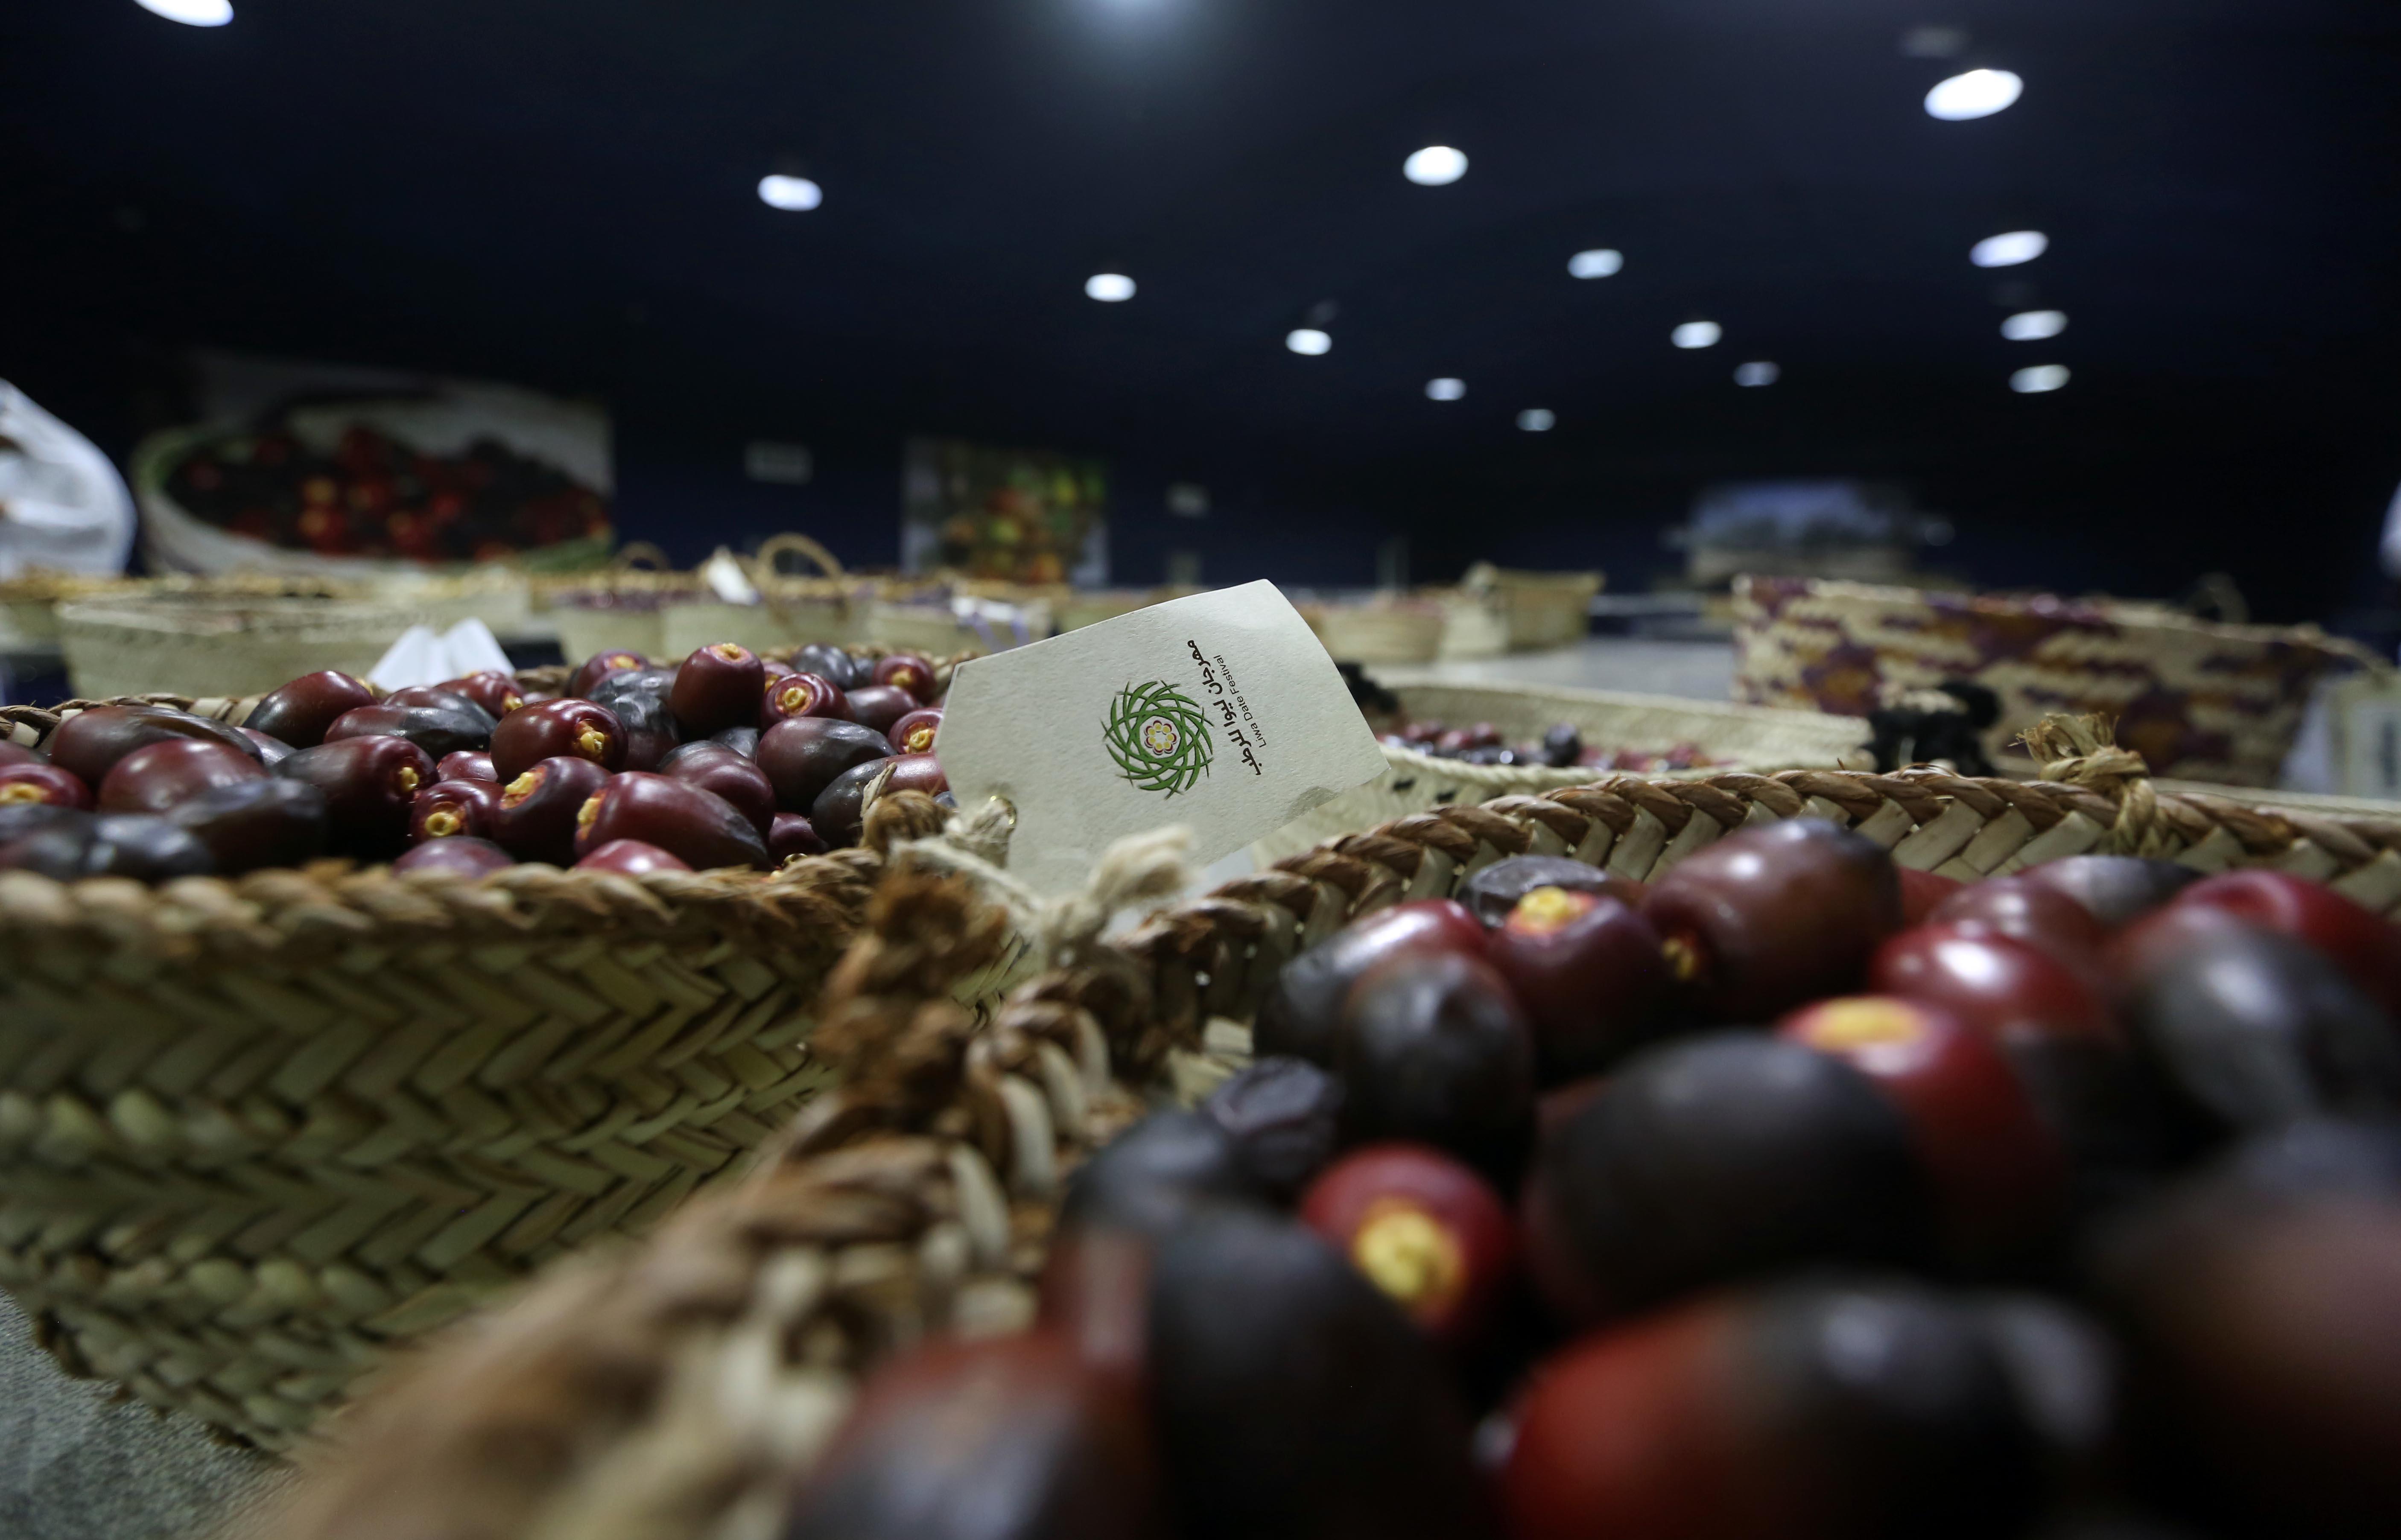 مهرجان ليوا للرطب يستأنف مسابقاته غدا